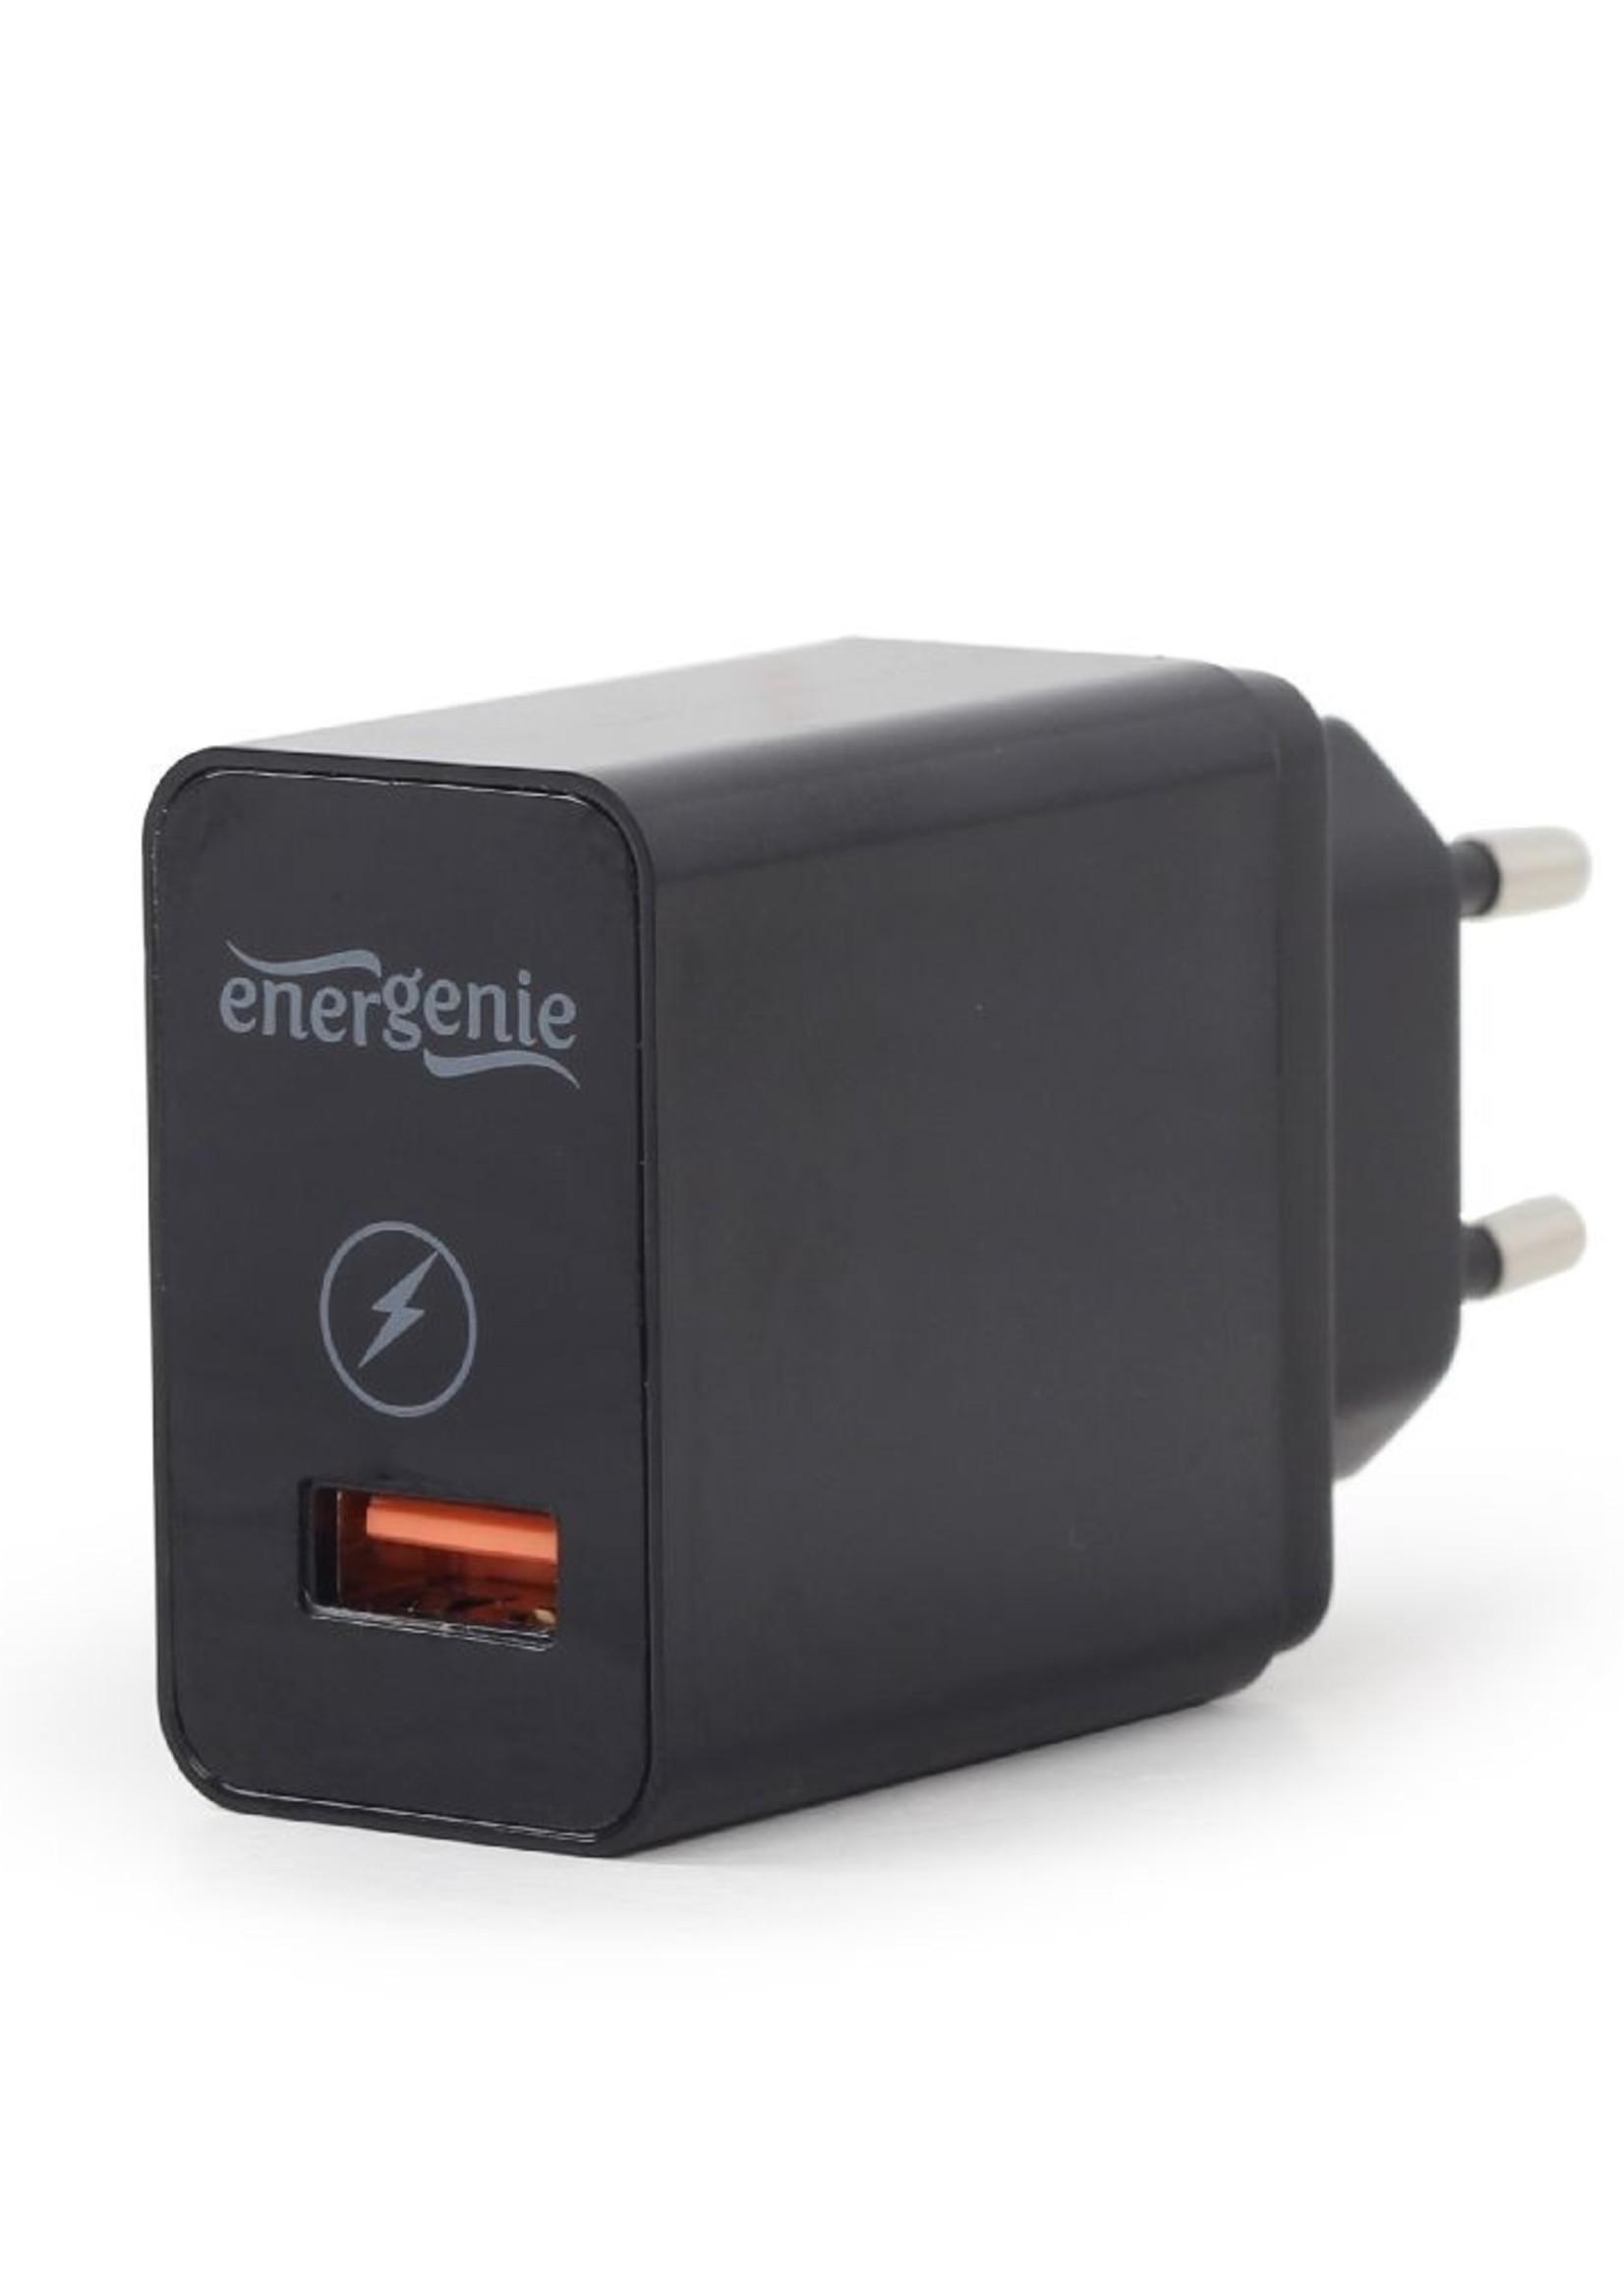 EnerGenie USB snellader QC3.0 zwart 1-poort